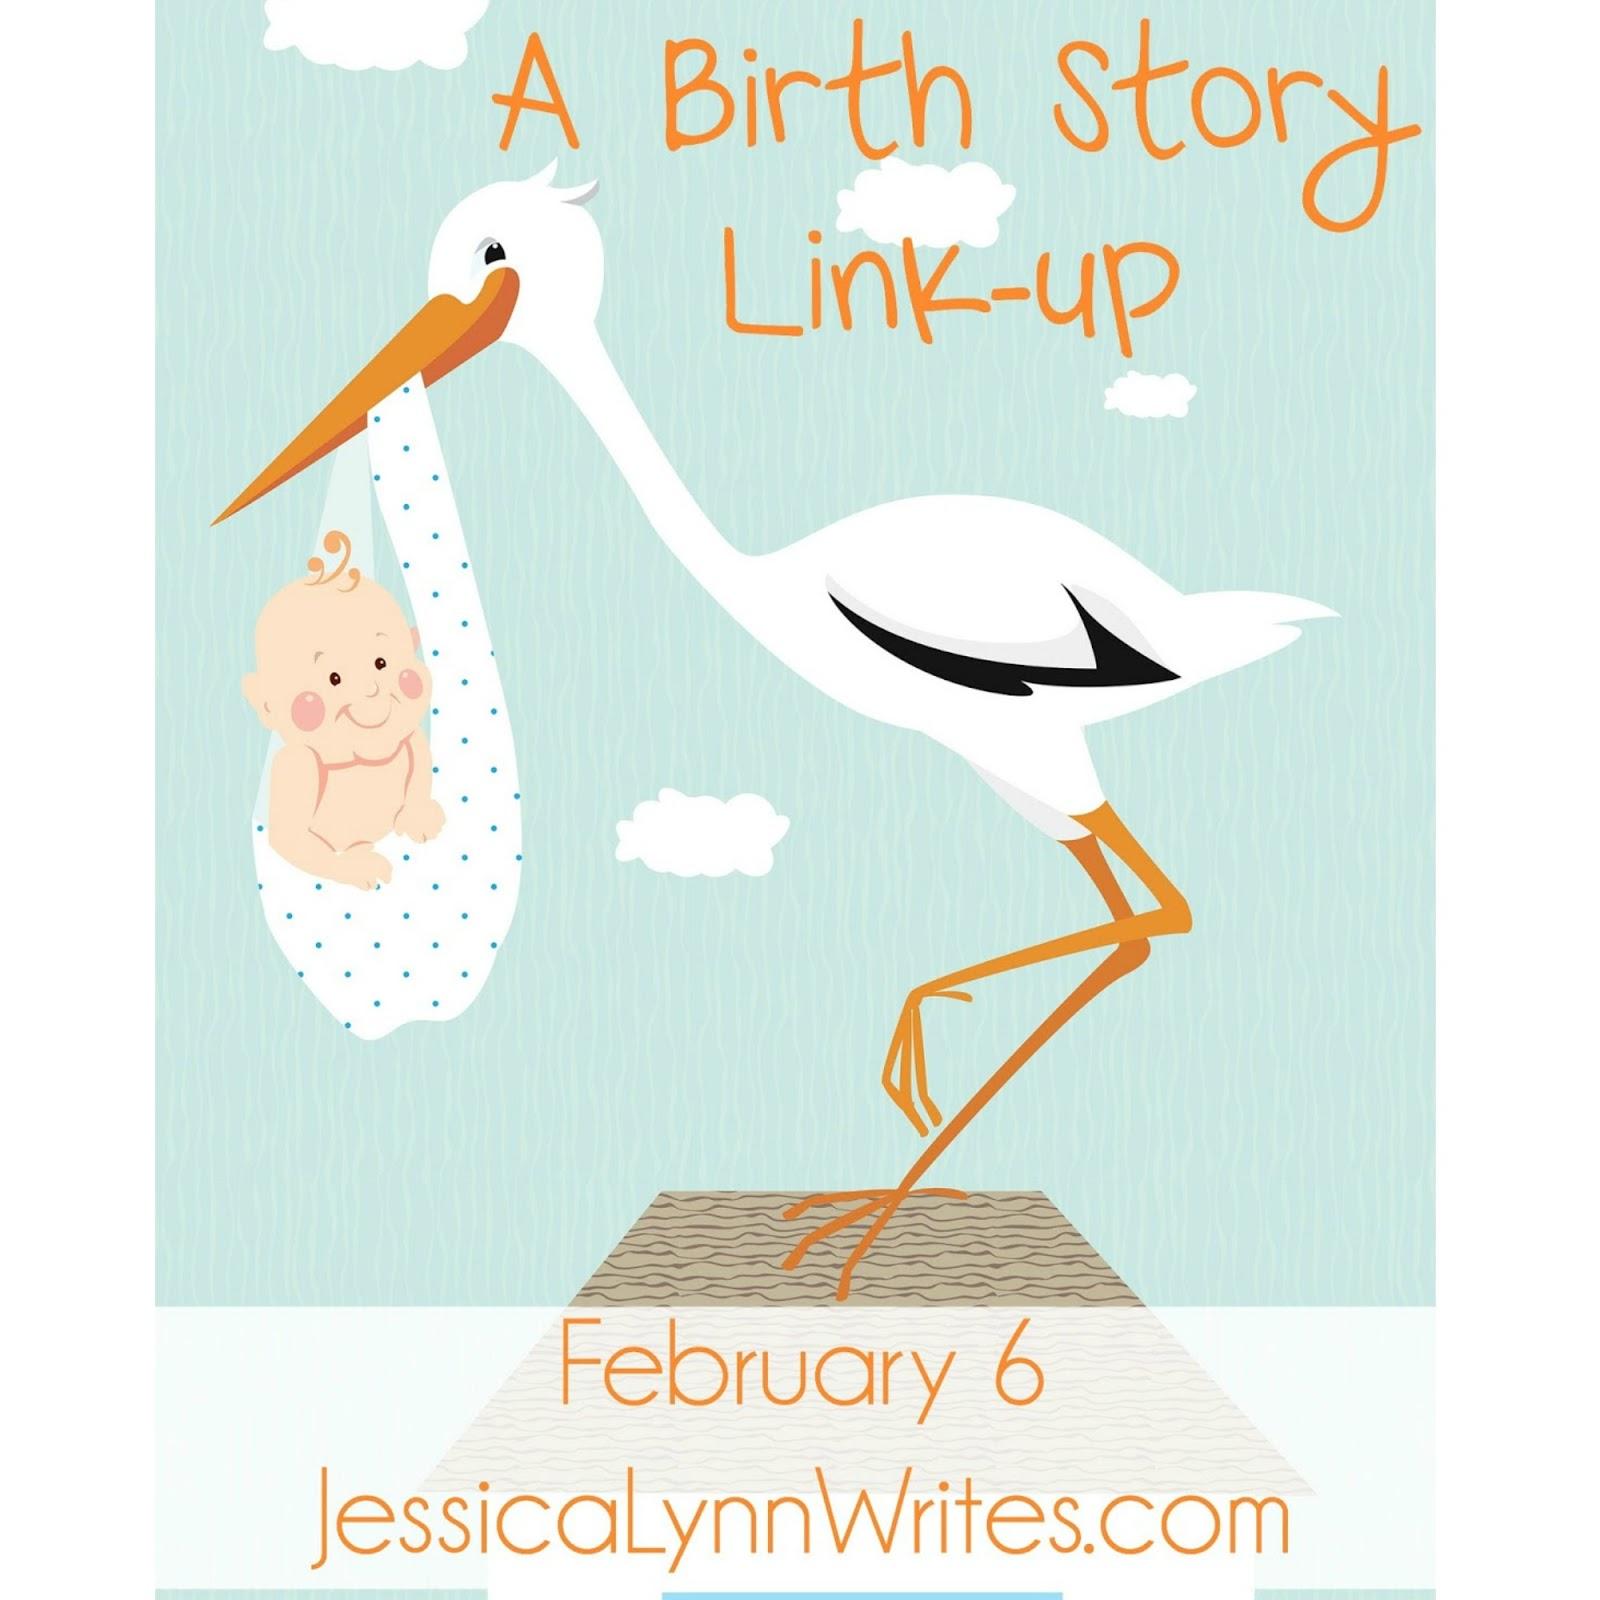 Jessica Lynn Writes Scarf Swap 2014